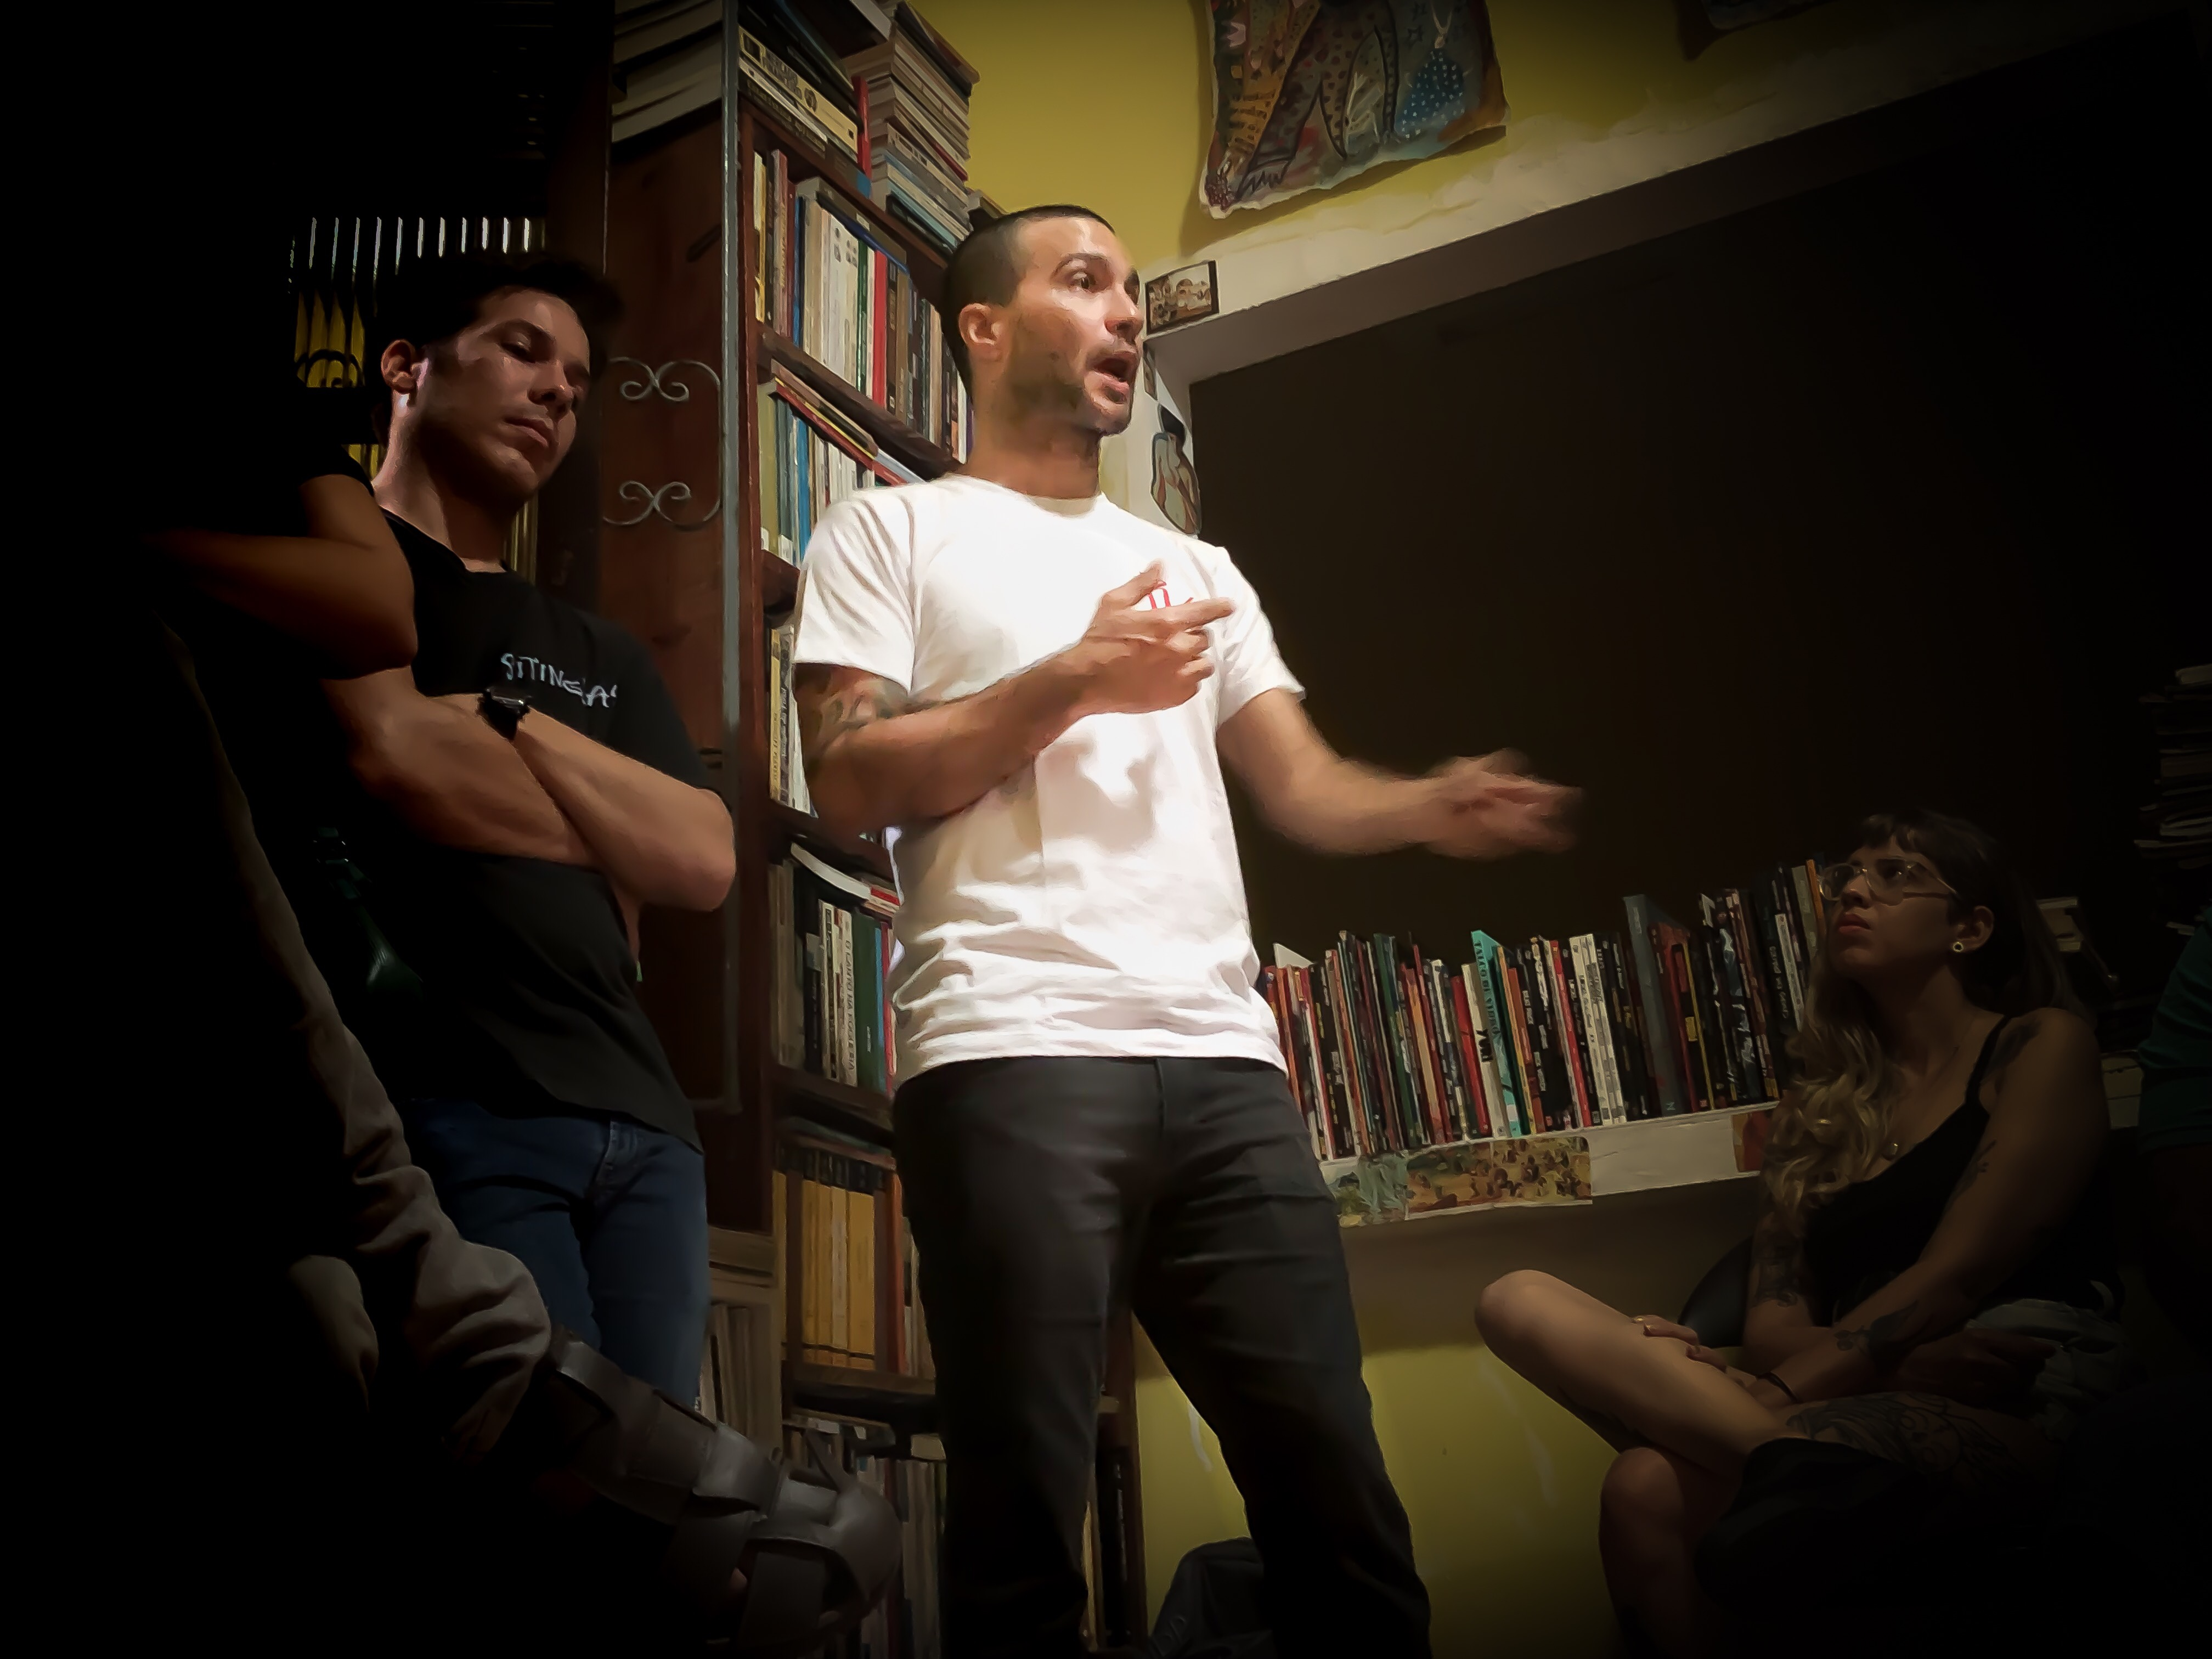 Como acabar com o fascismo com hardcore, por Rodrigo Lima